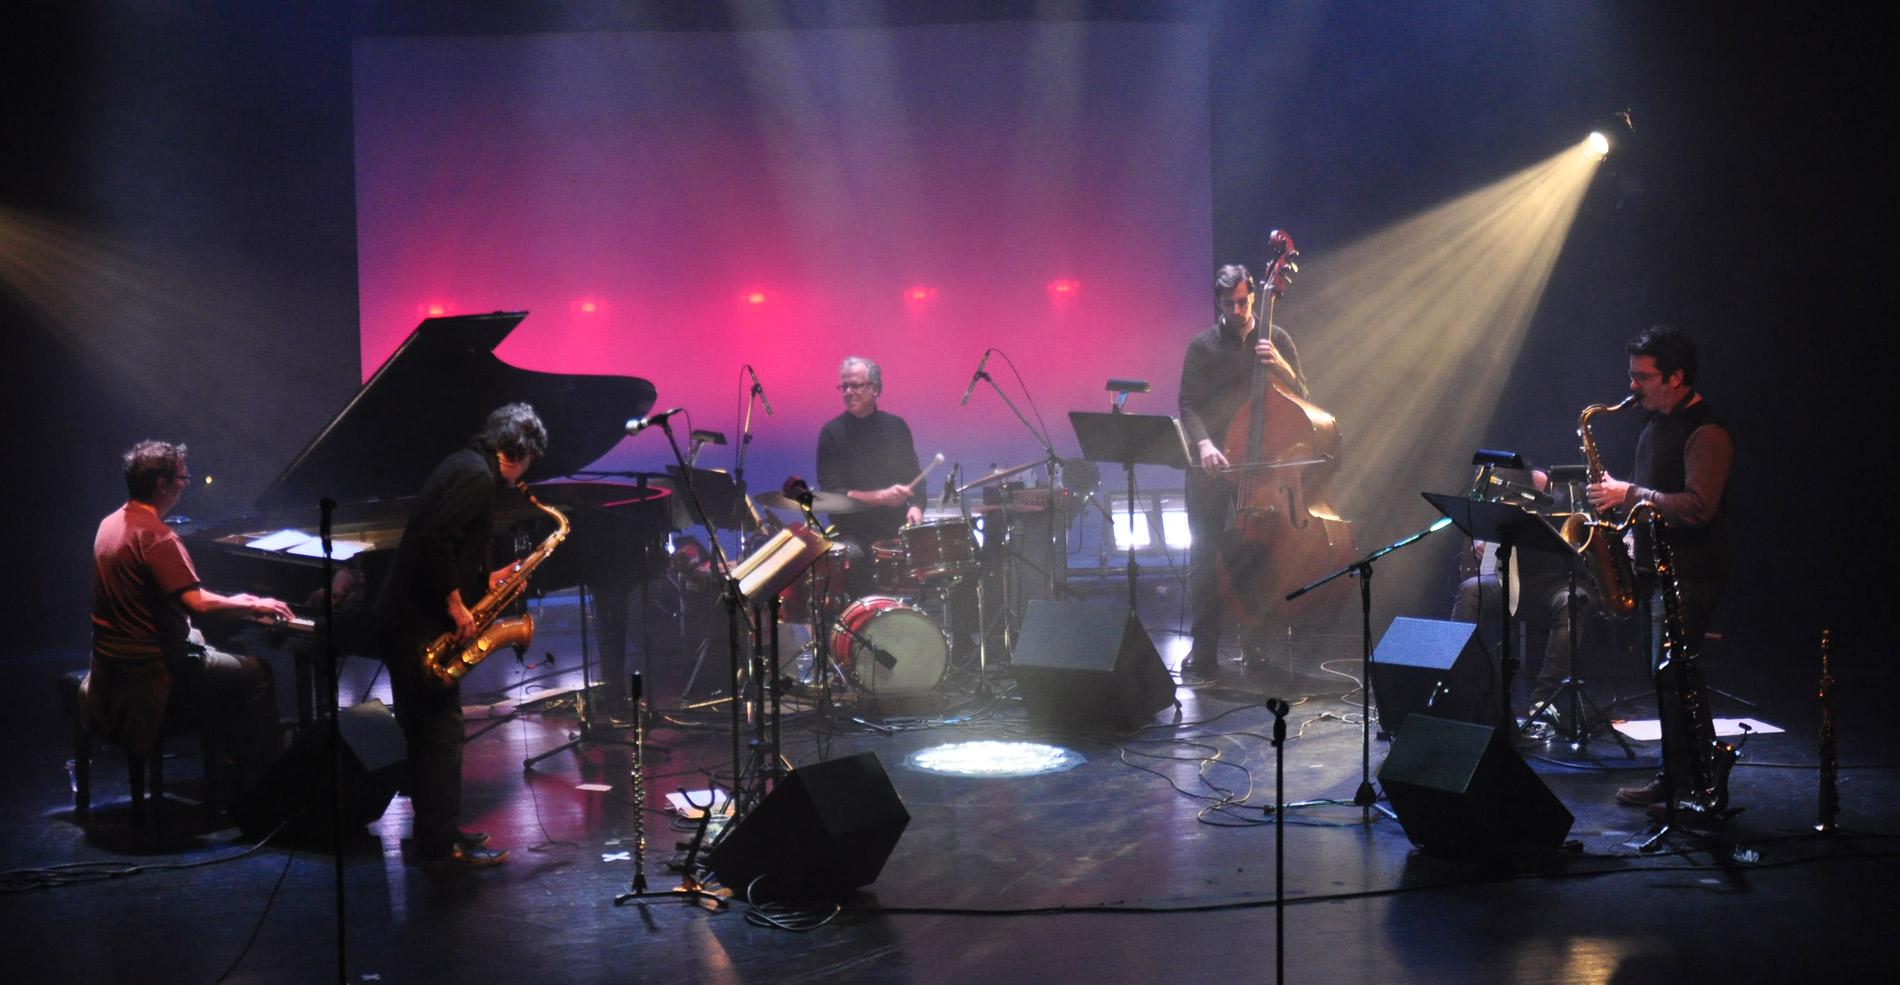 Neuf nouvelles compositions de Pierre Labbé vues par six maîtres-brasseurs. Un jazz actuel résolument accessible.